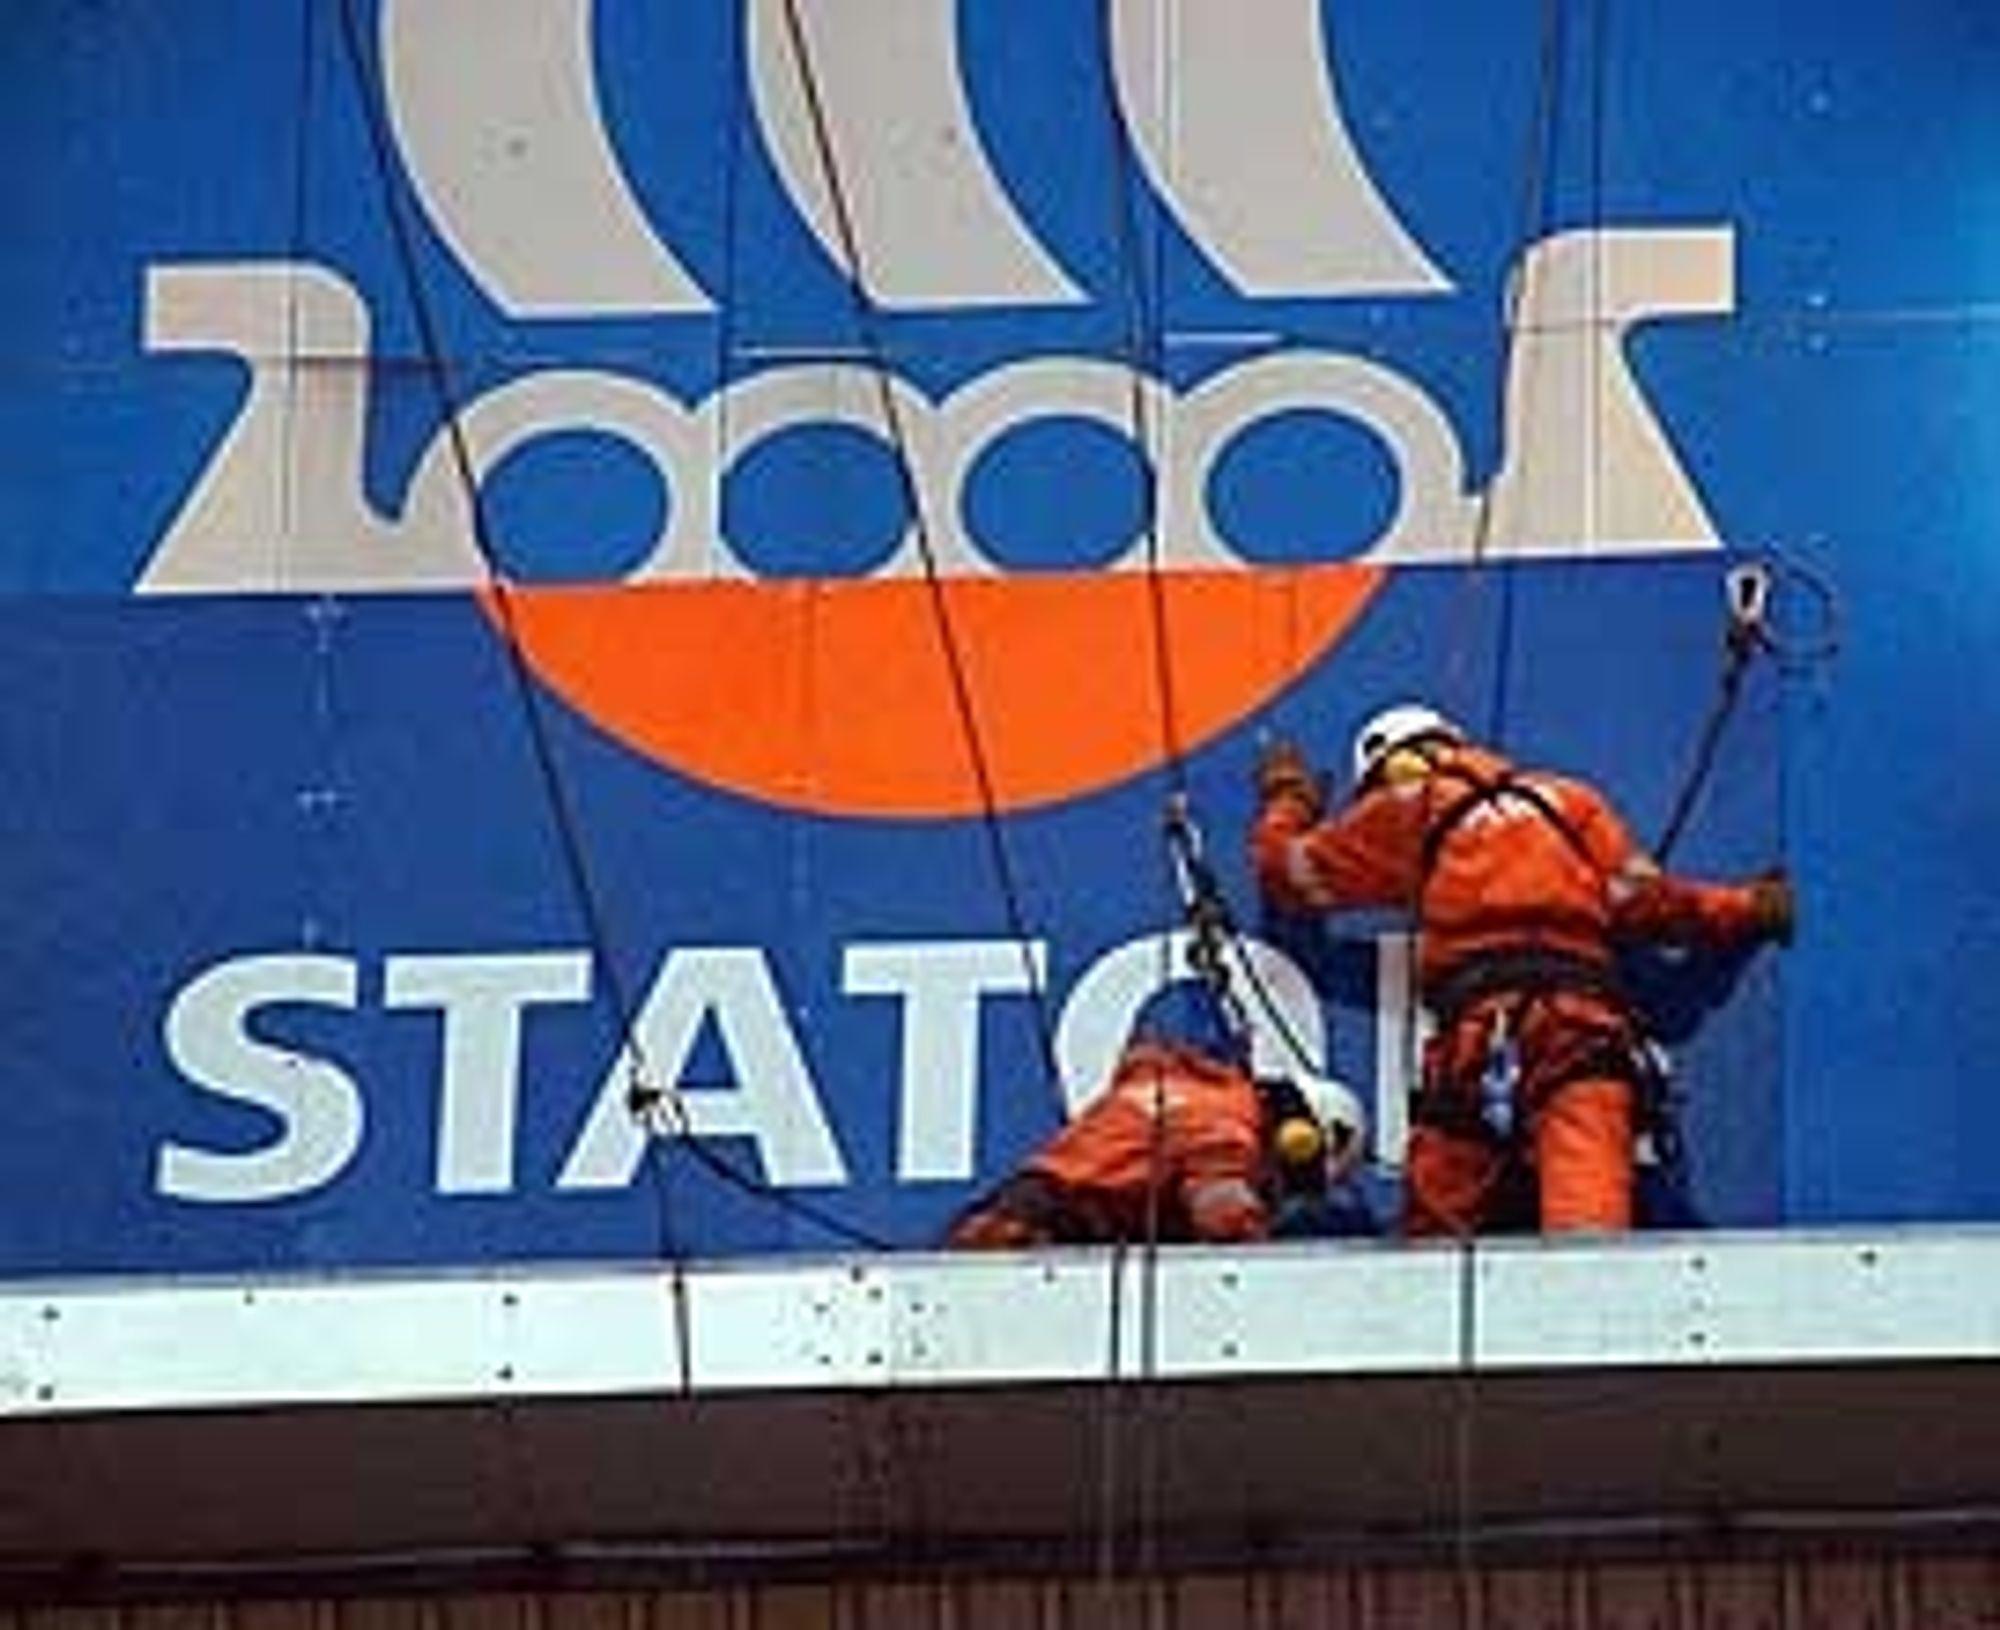 Statoil tok i begynnelsen av 2003 over operatøransvaret for Visund fra Hydro. Dermed måtte logoen på plattformen byttes ut. Kanskje dette er kimen til en ny logo?